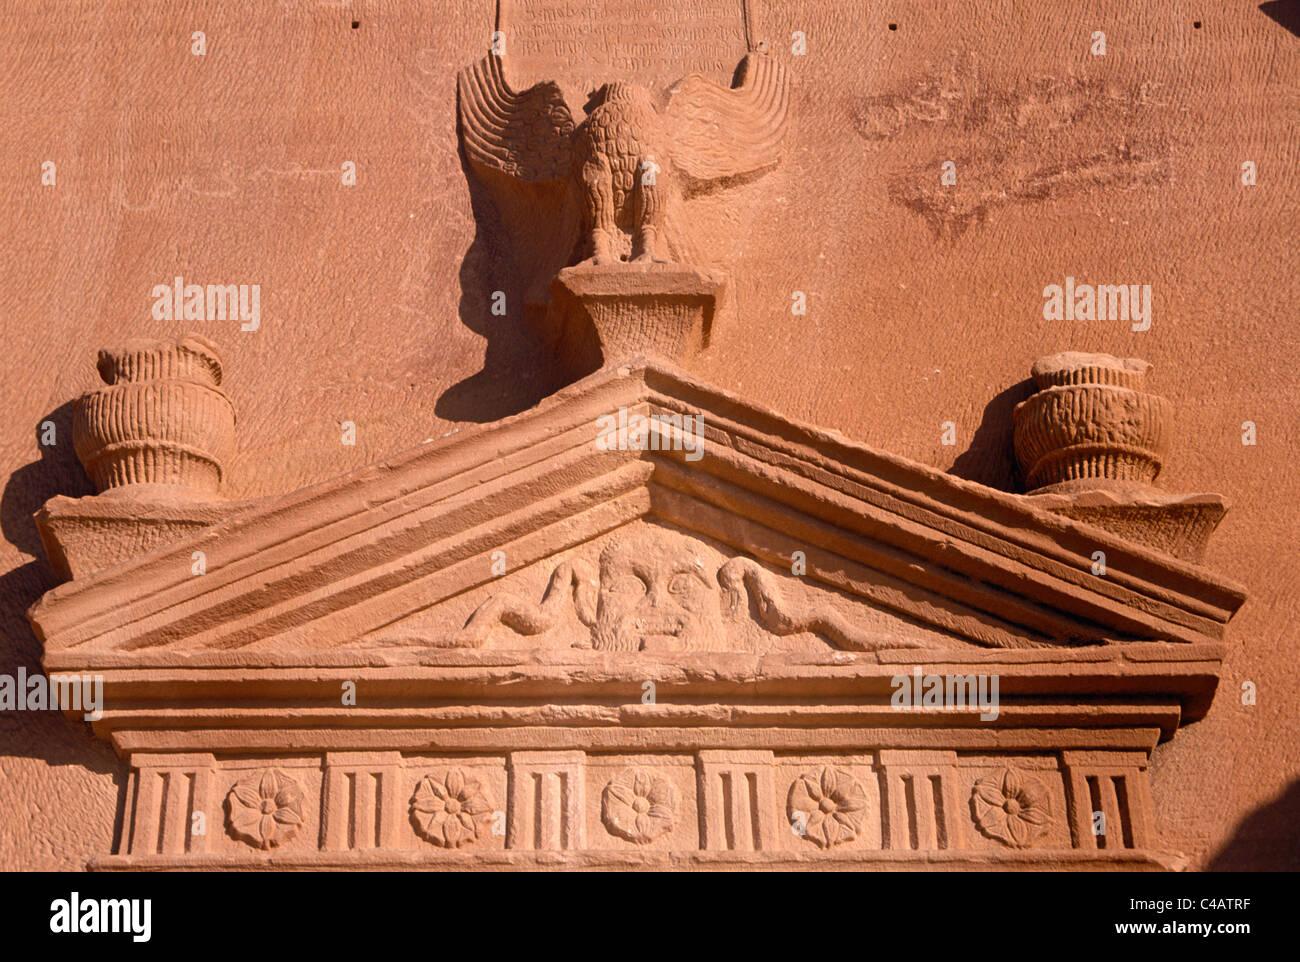 Saudi Arabia, Madinah, nr. Al-Ula, Madain Saleh (aka Hegra). Decorative carvings - Stock Image